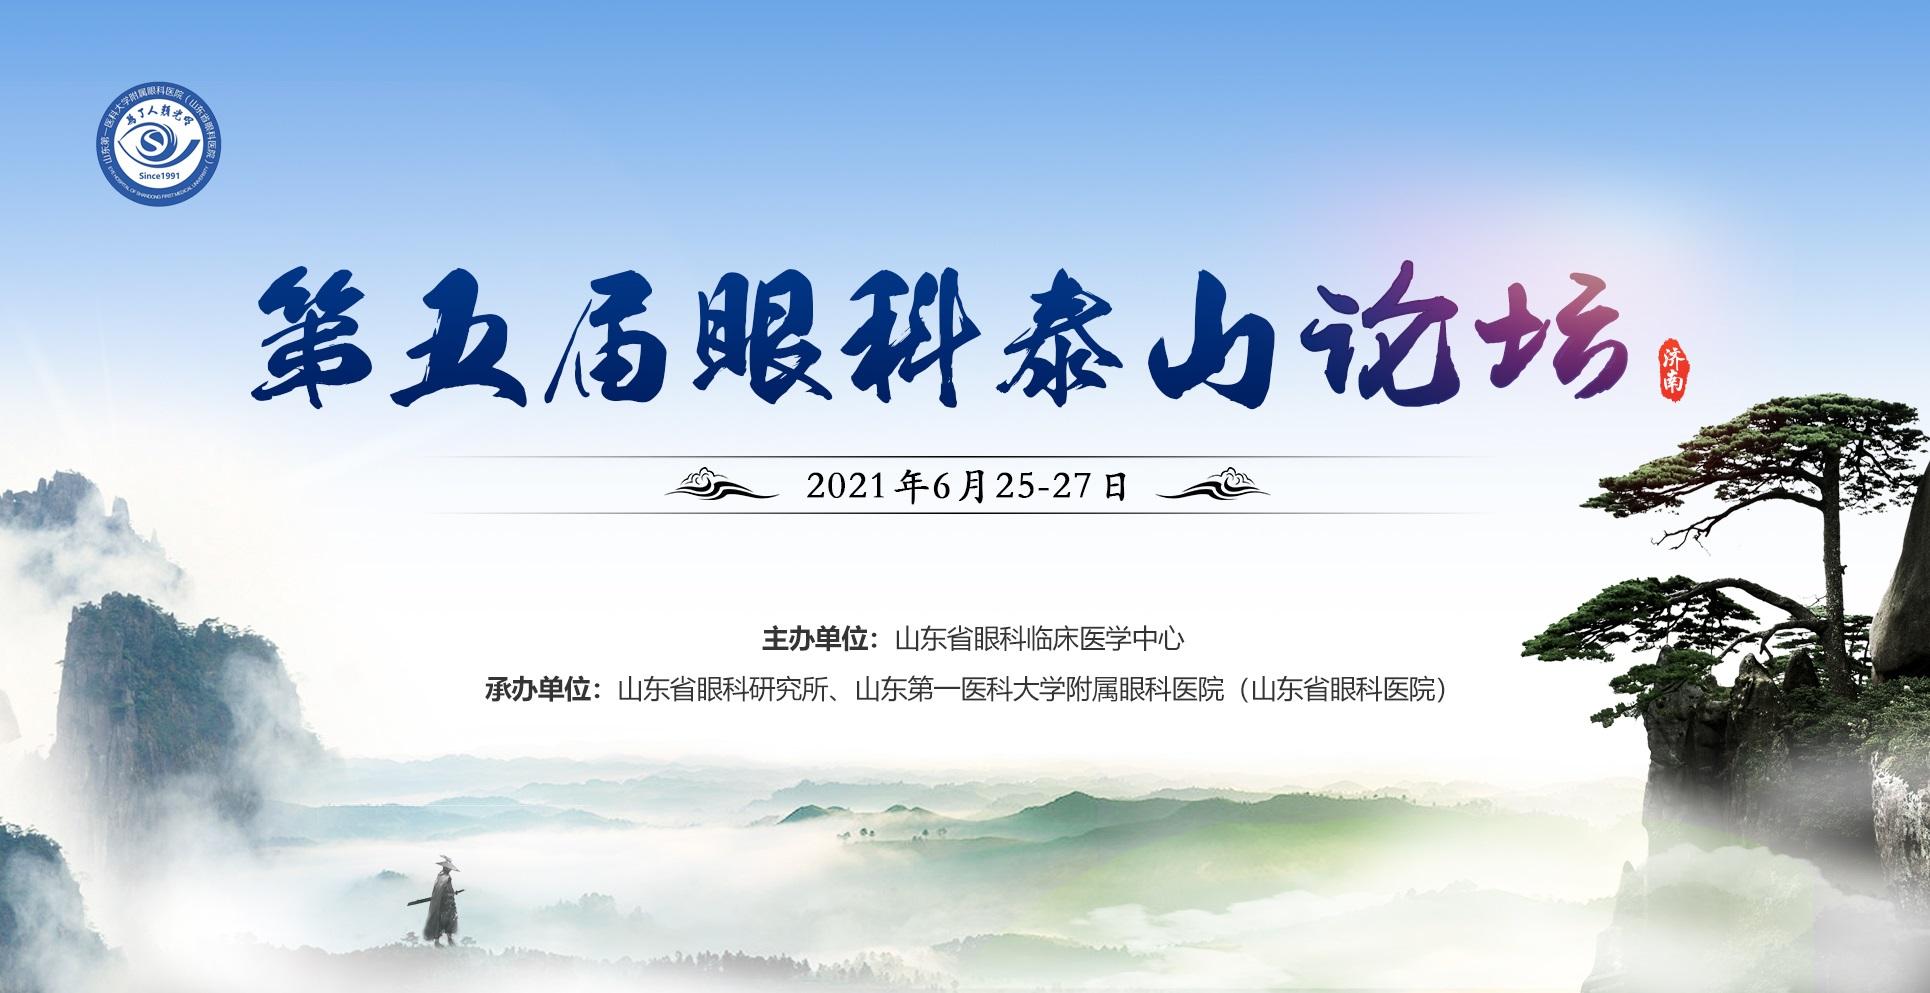 2021第五届眼科泰山论坛